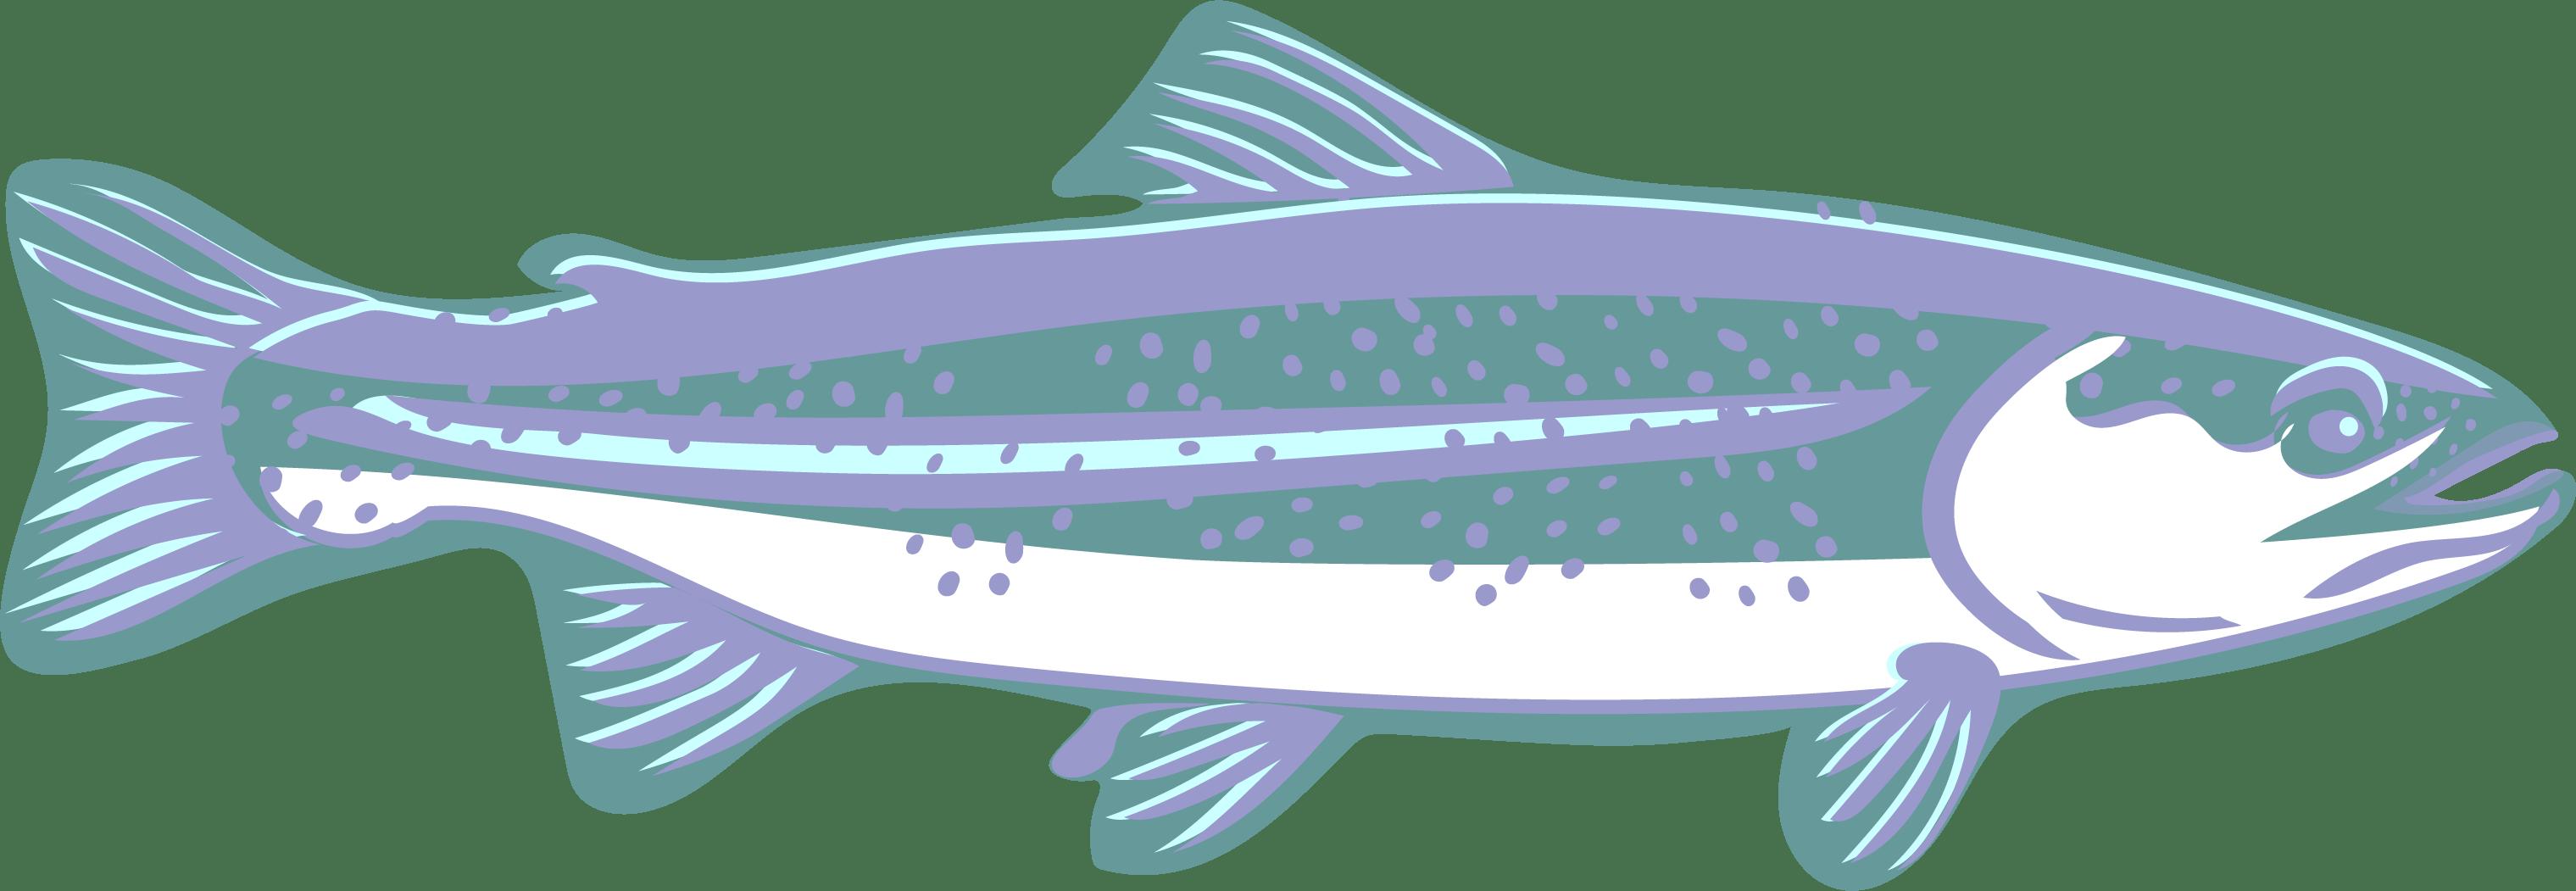 Trout clipart speckled trout. Clip art creation creatures